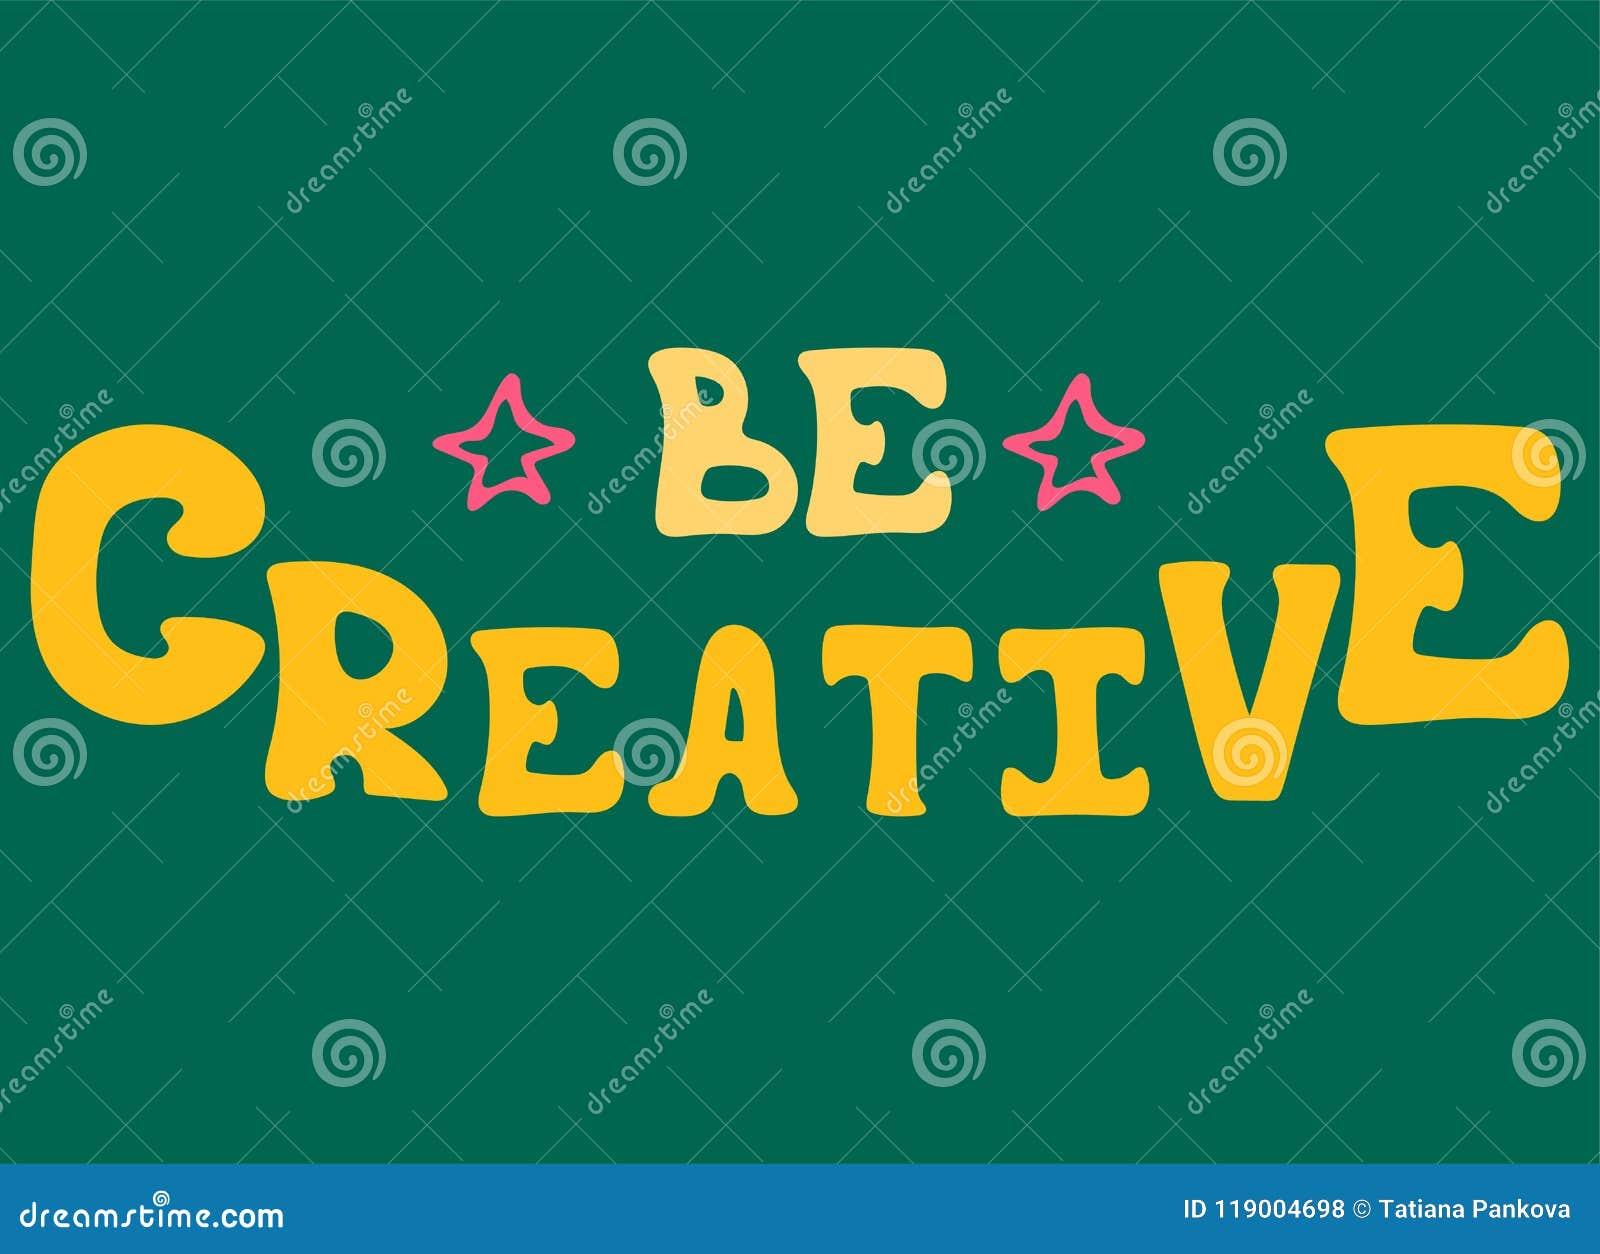 Spielt helles witn Beschriftung des von Hand gezeichneten Vektors die Hauptrolle - seien Sie kreativ